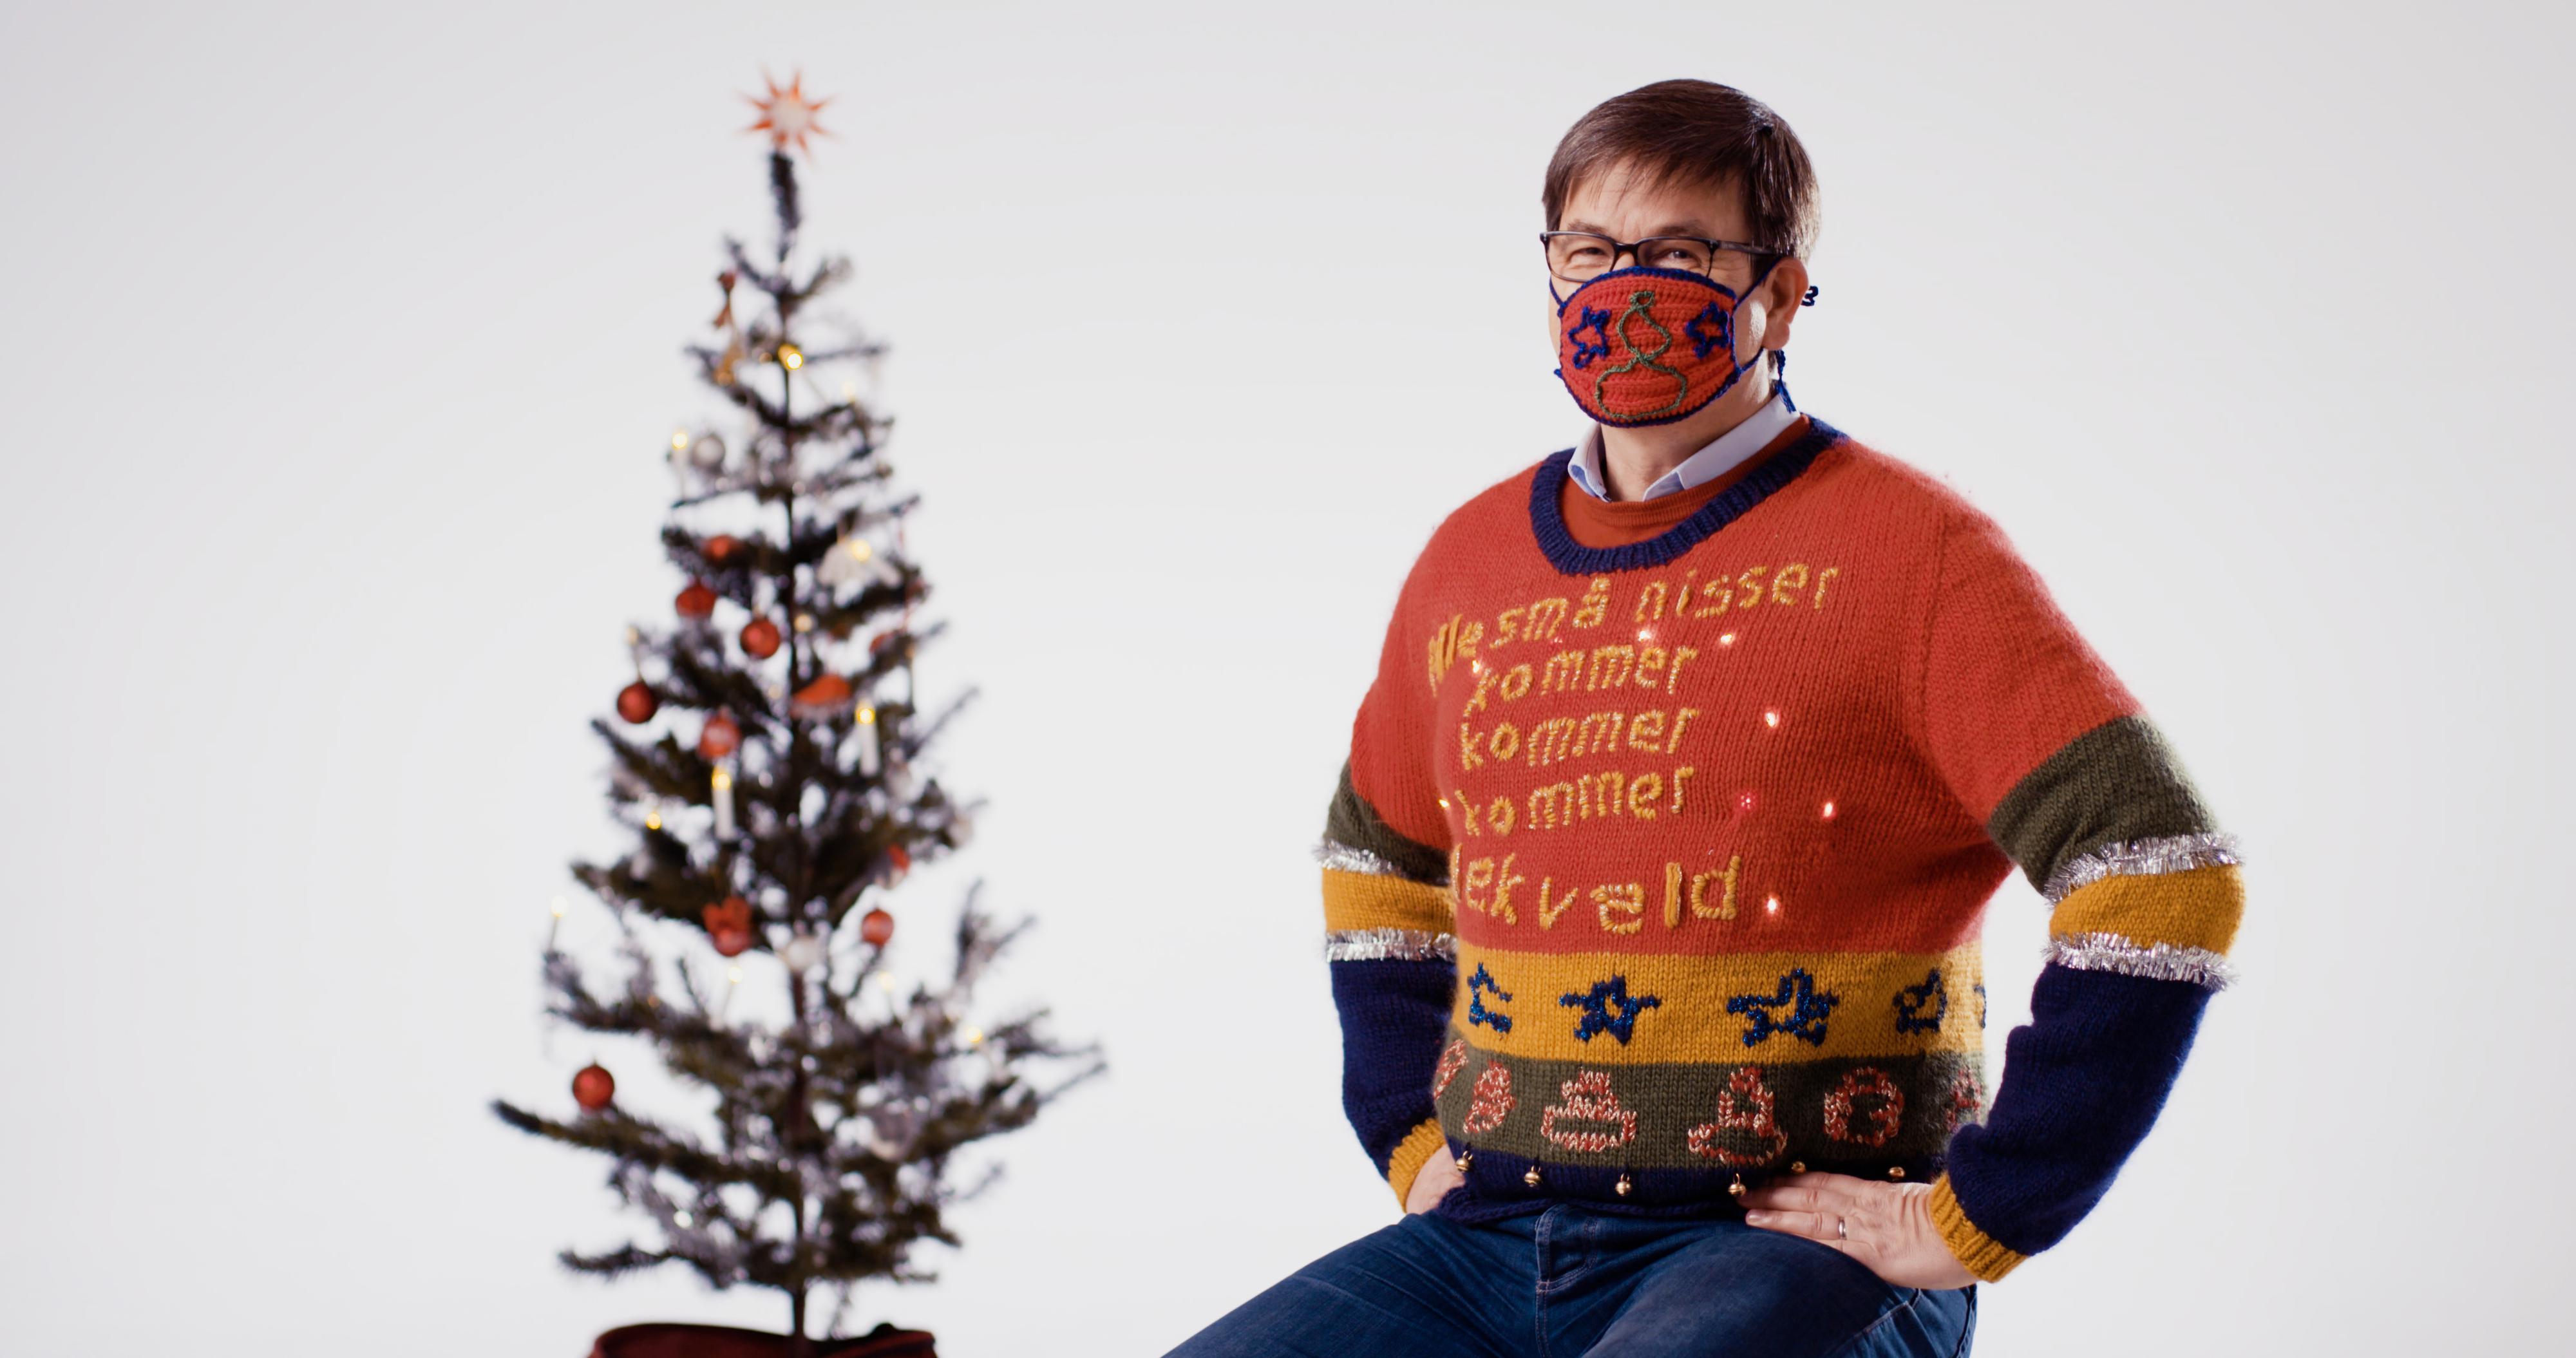 Trond Eilertsen i Computas viser frem «verdens styggeste julegenser». Her også med et kledelig munnbind som man ofte får brukt for i disse pandemitider.